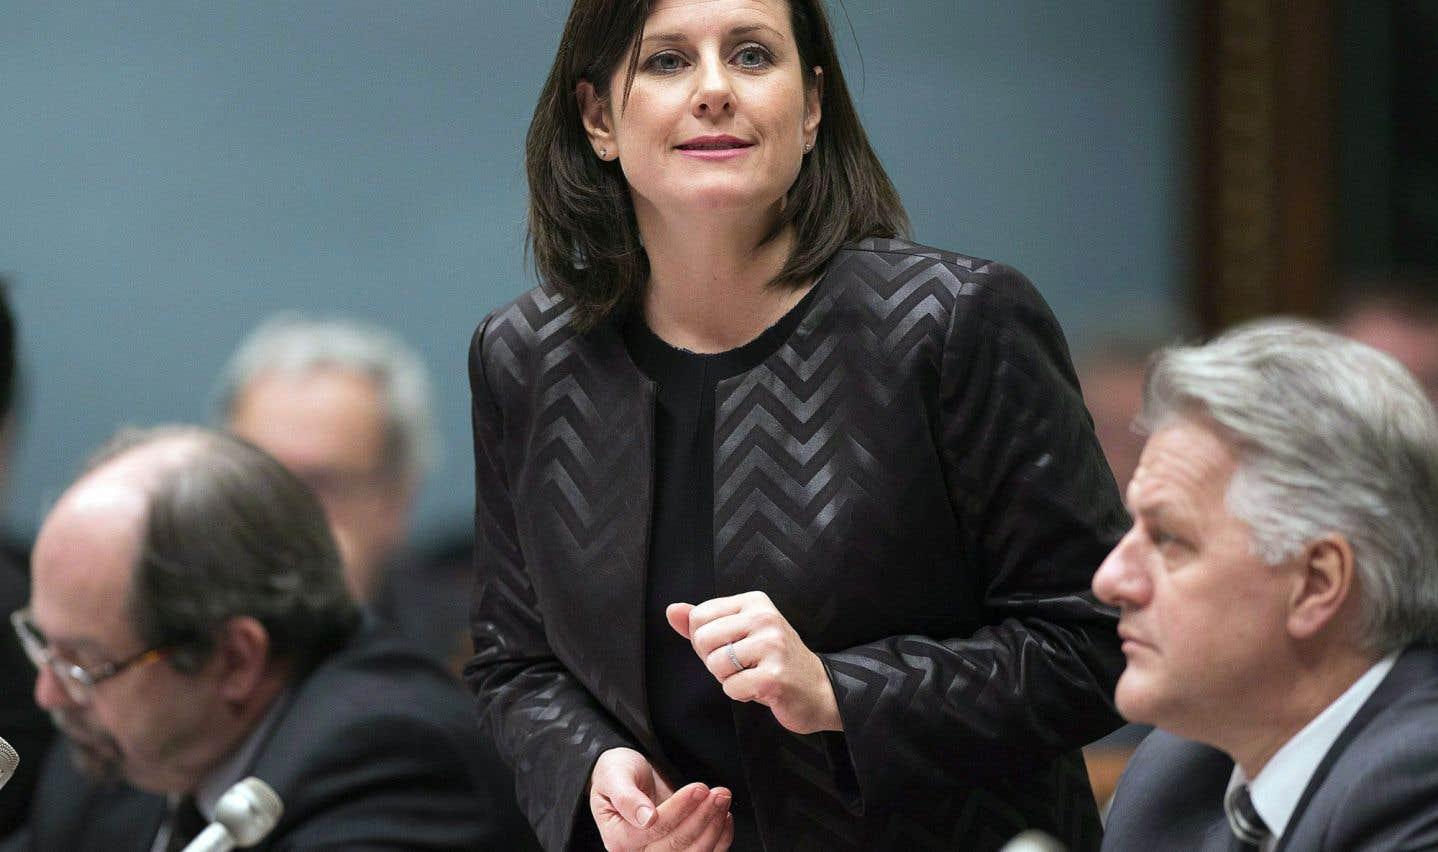 L'opposition presse la ministre Vallée de prendre des décisions